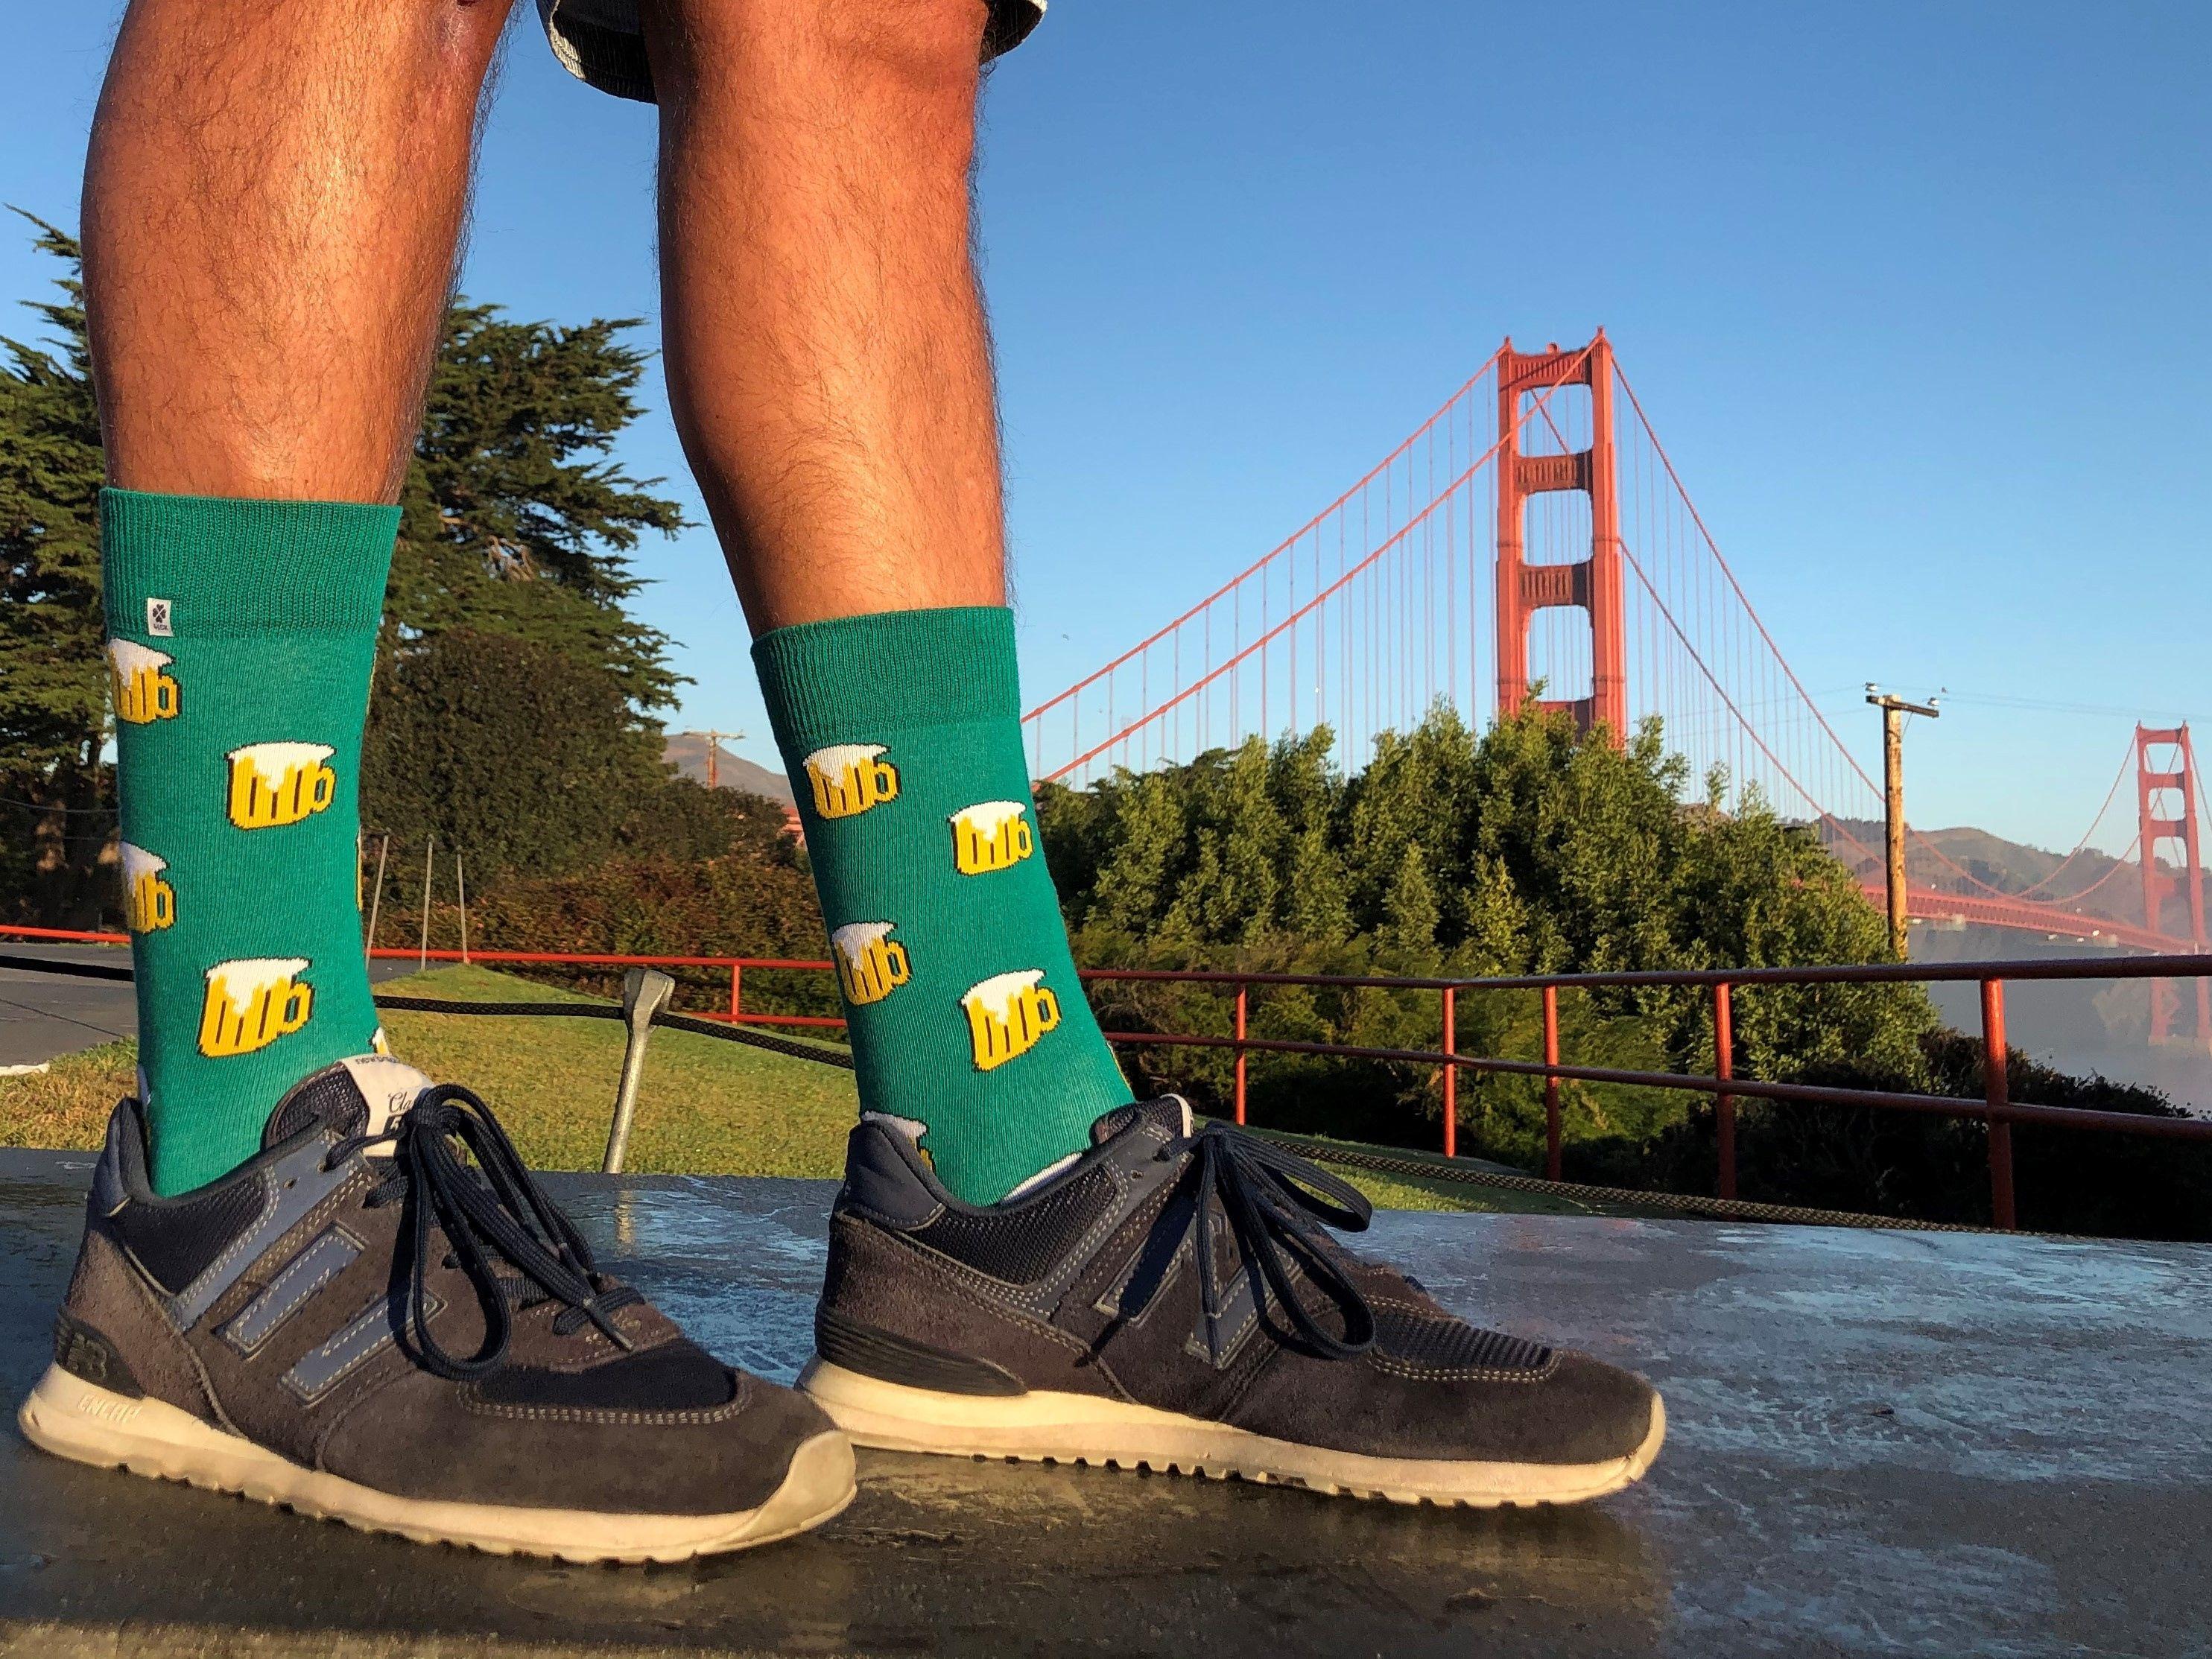 4lck Beer socks, Golden Gate, San Francisco